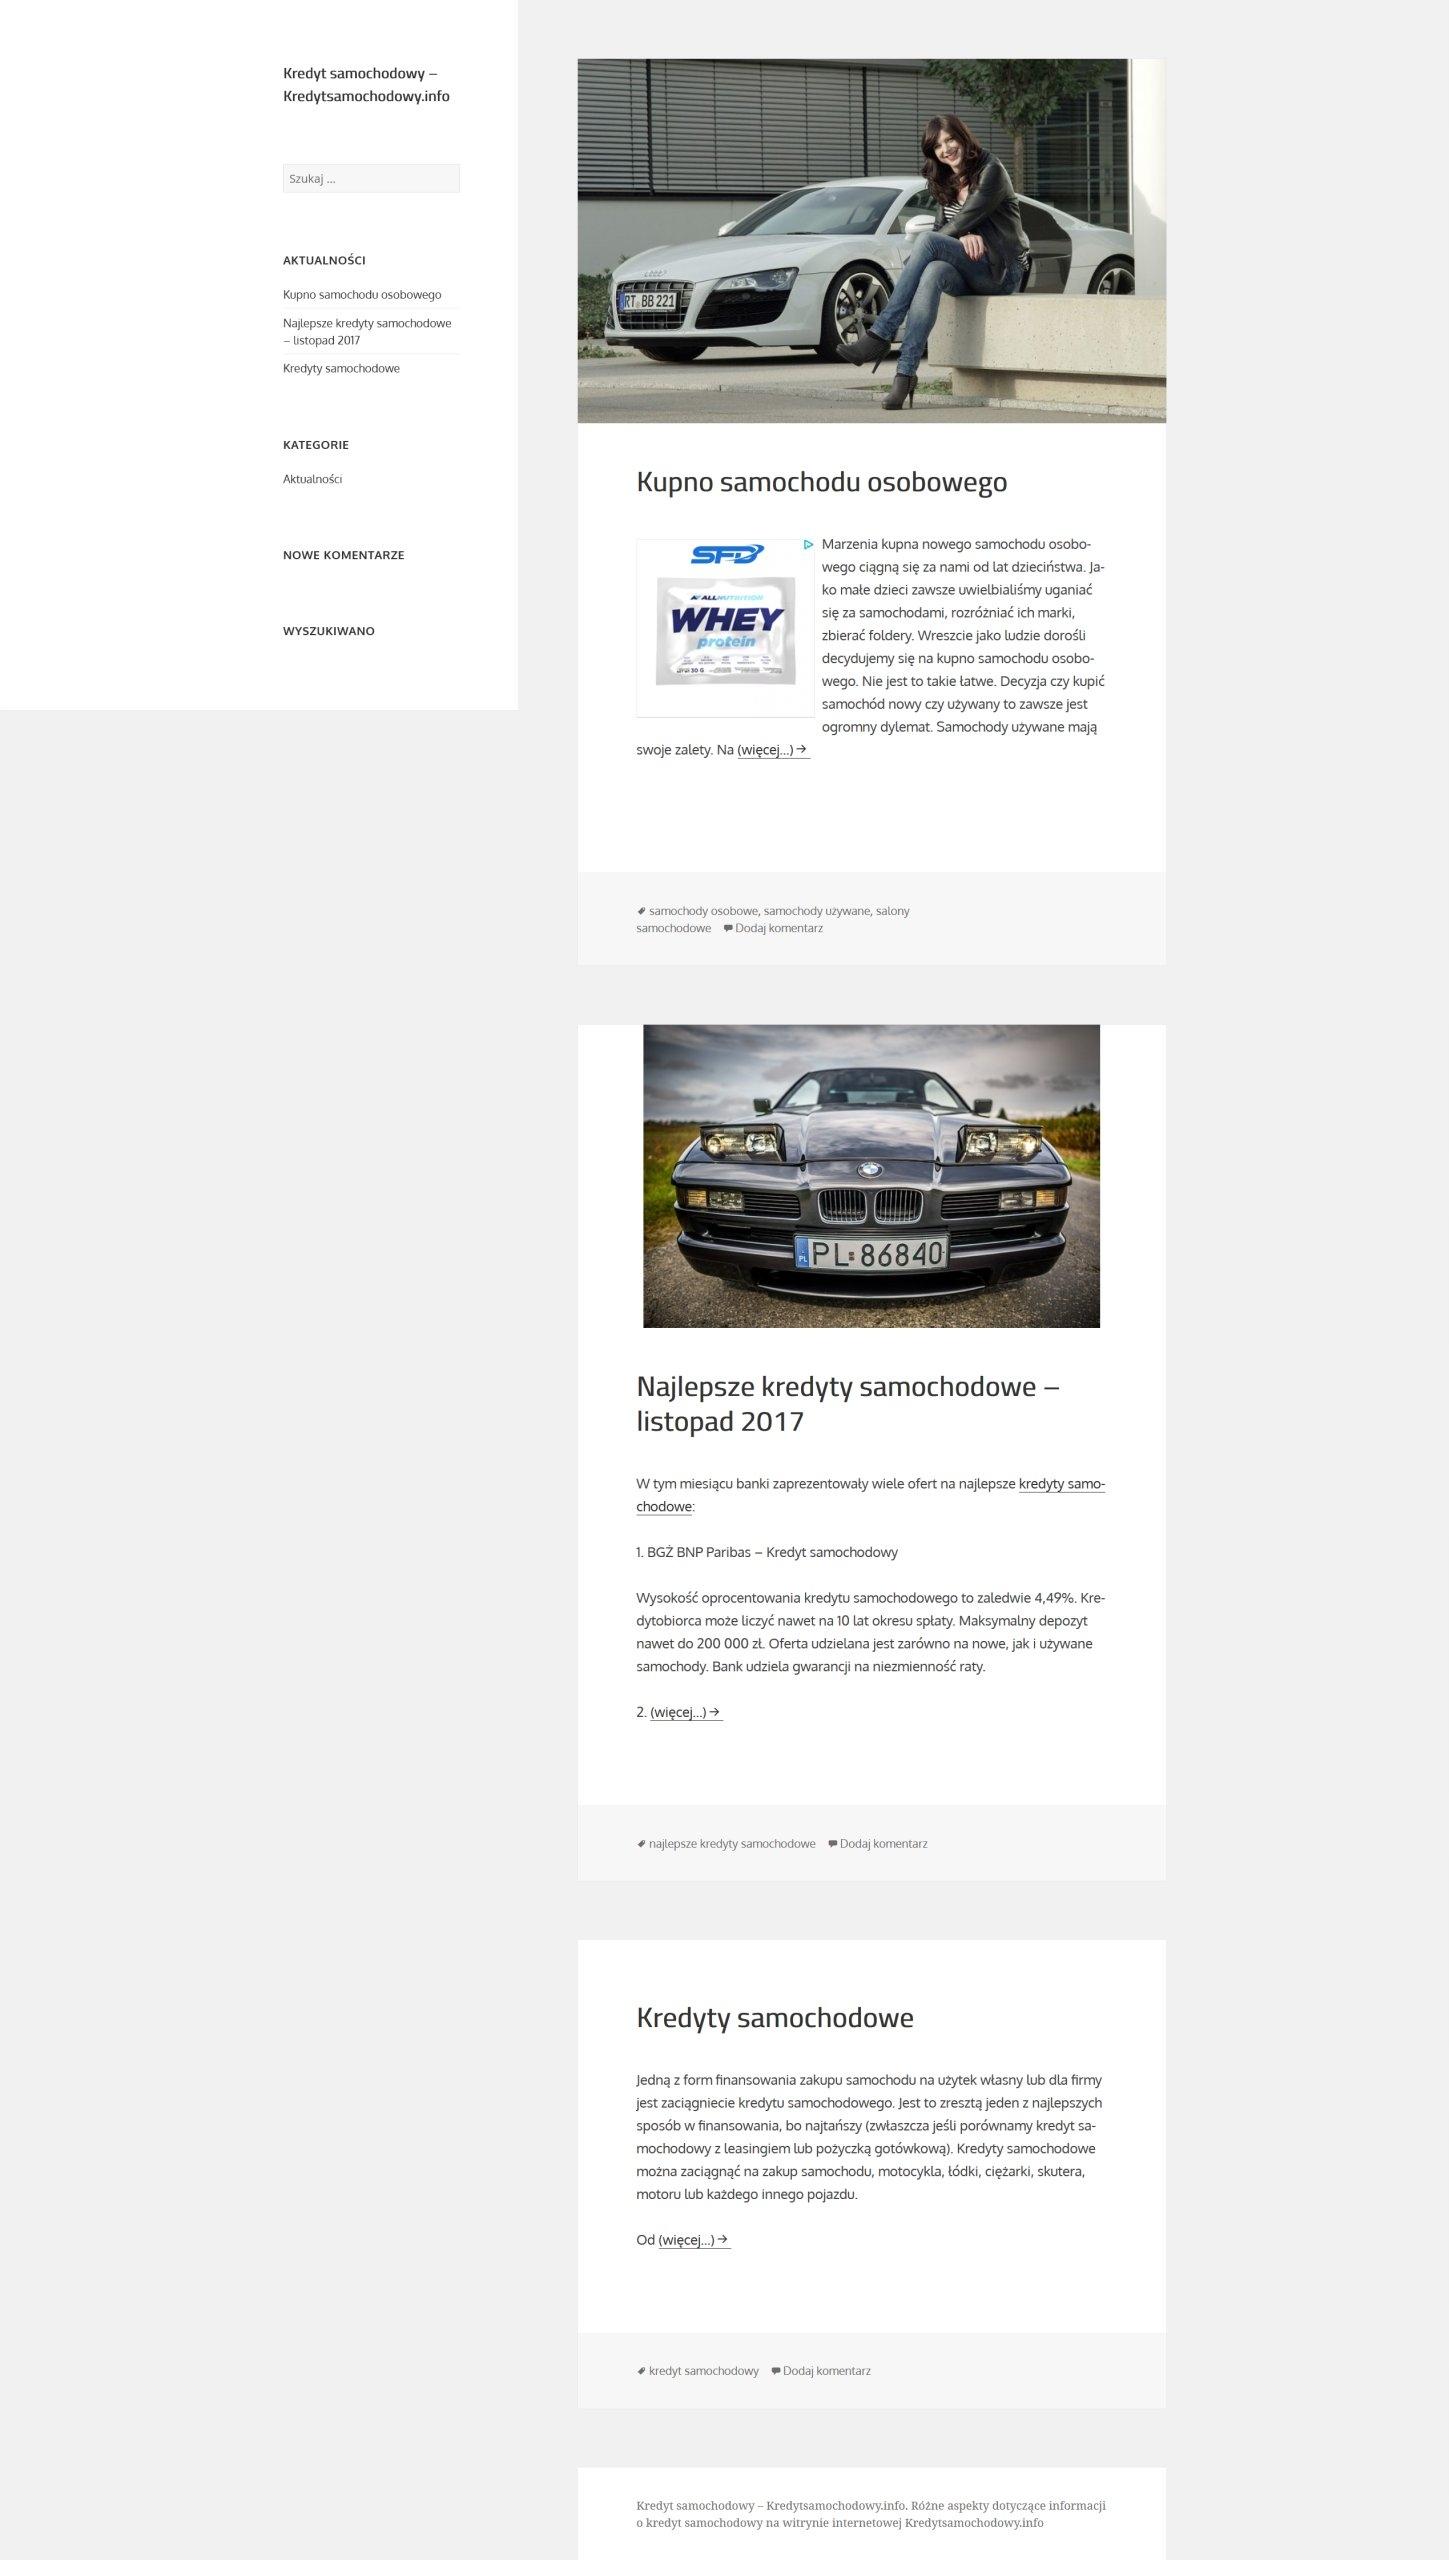 kredytsamochodowy.info + zaplecze